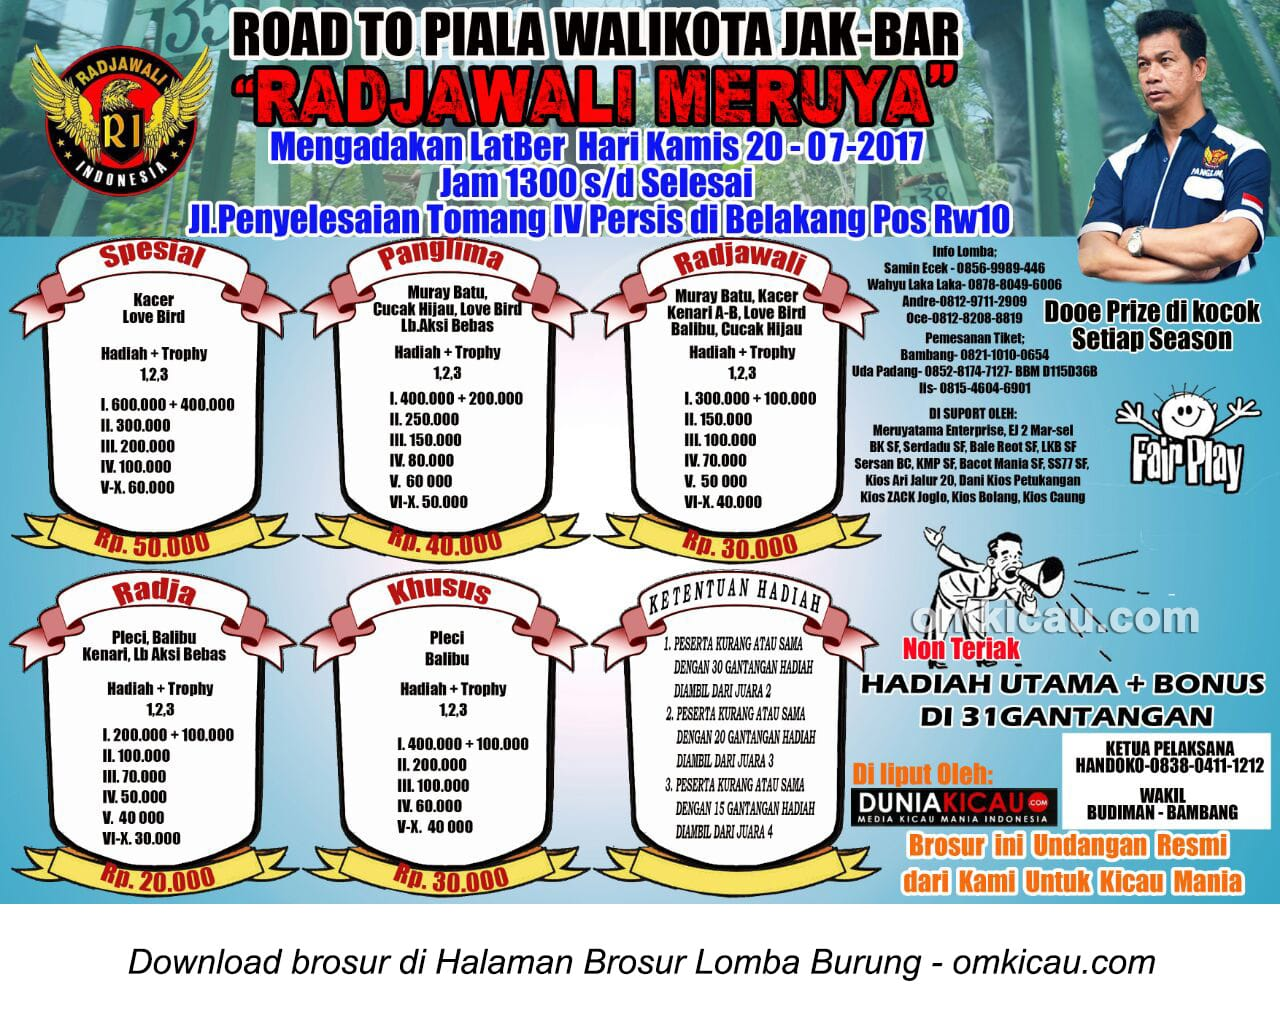 road to piala wali kota jakarta barat